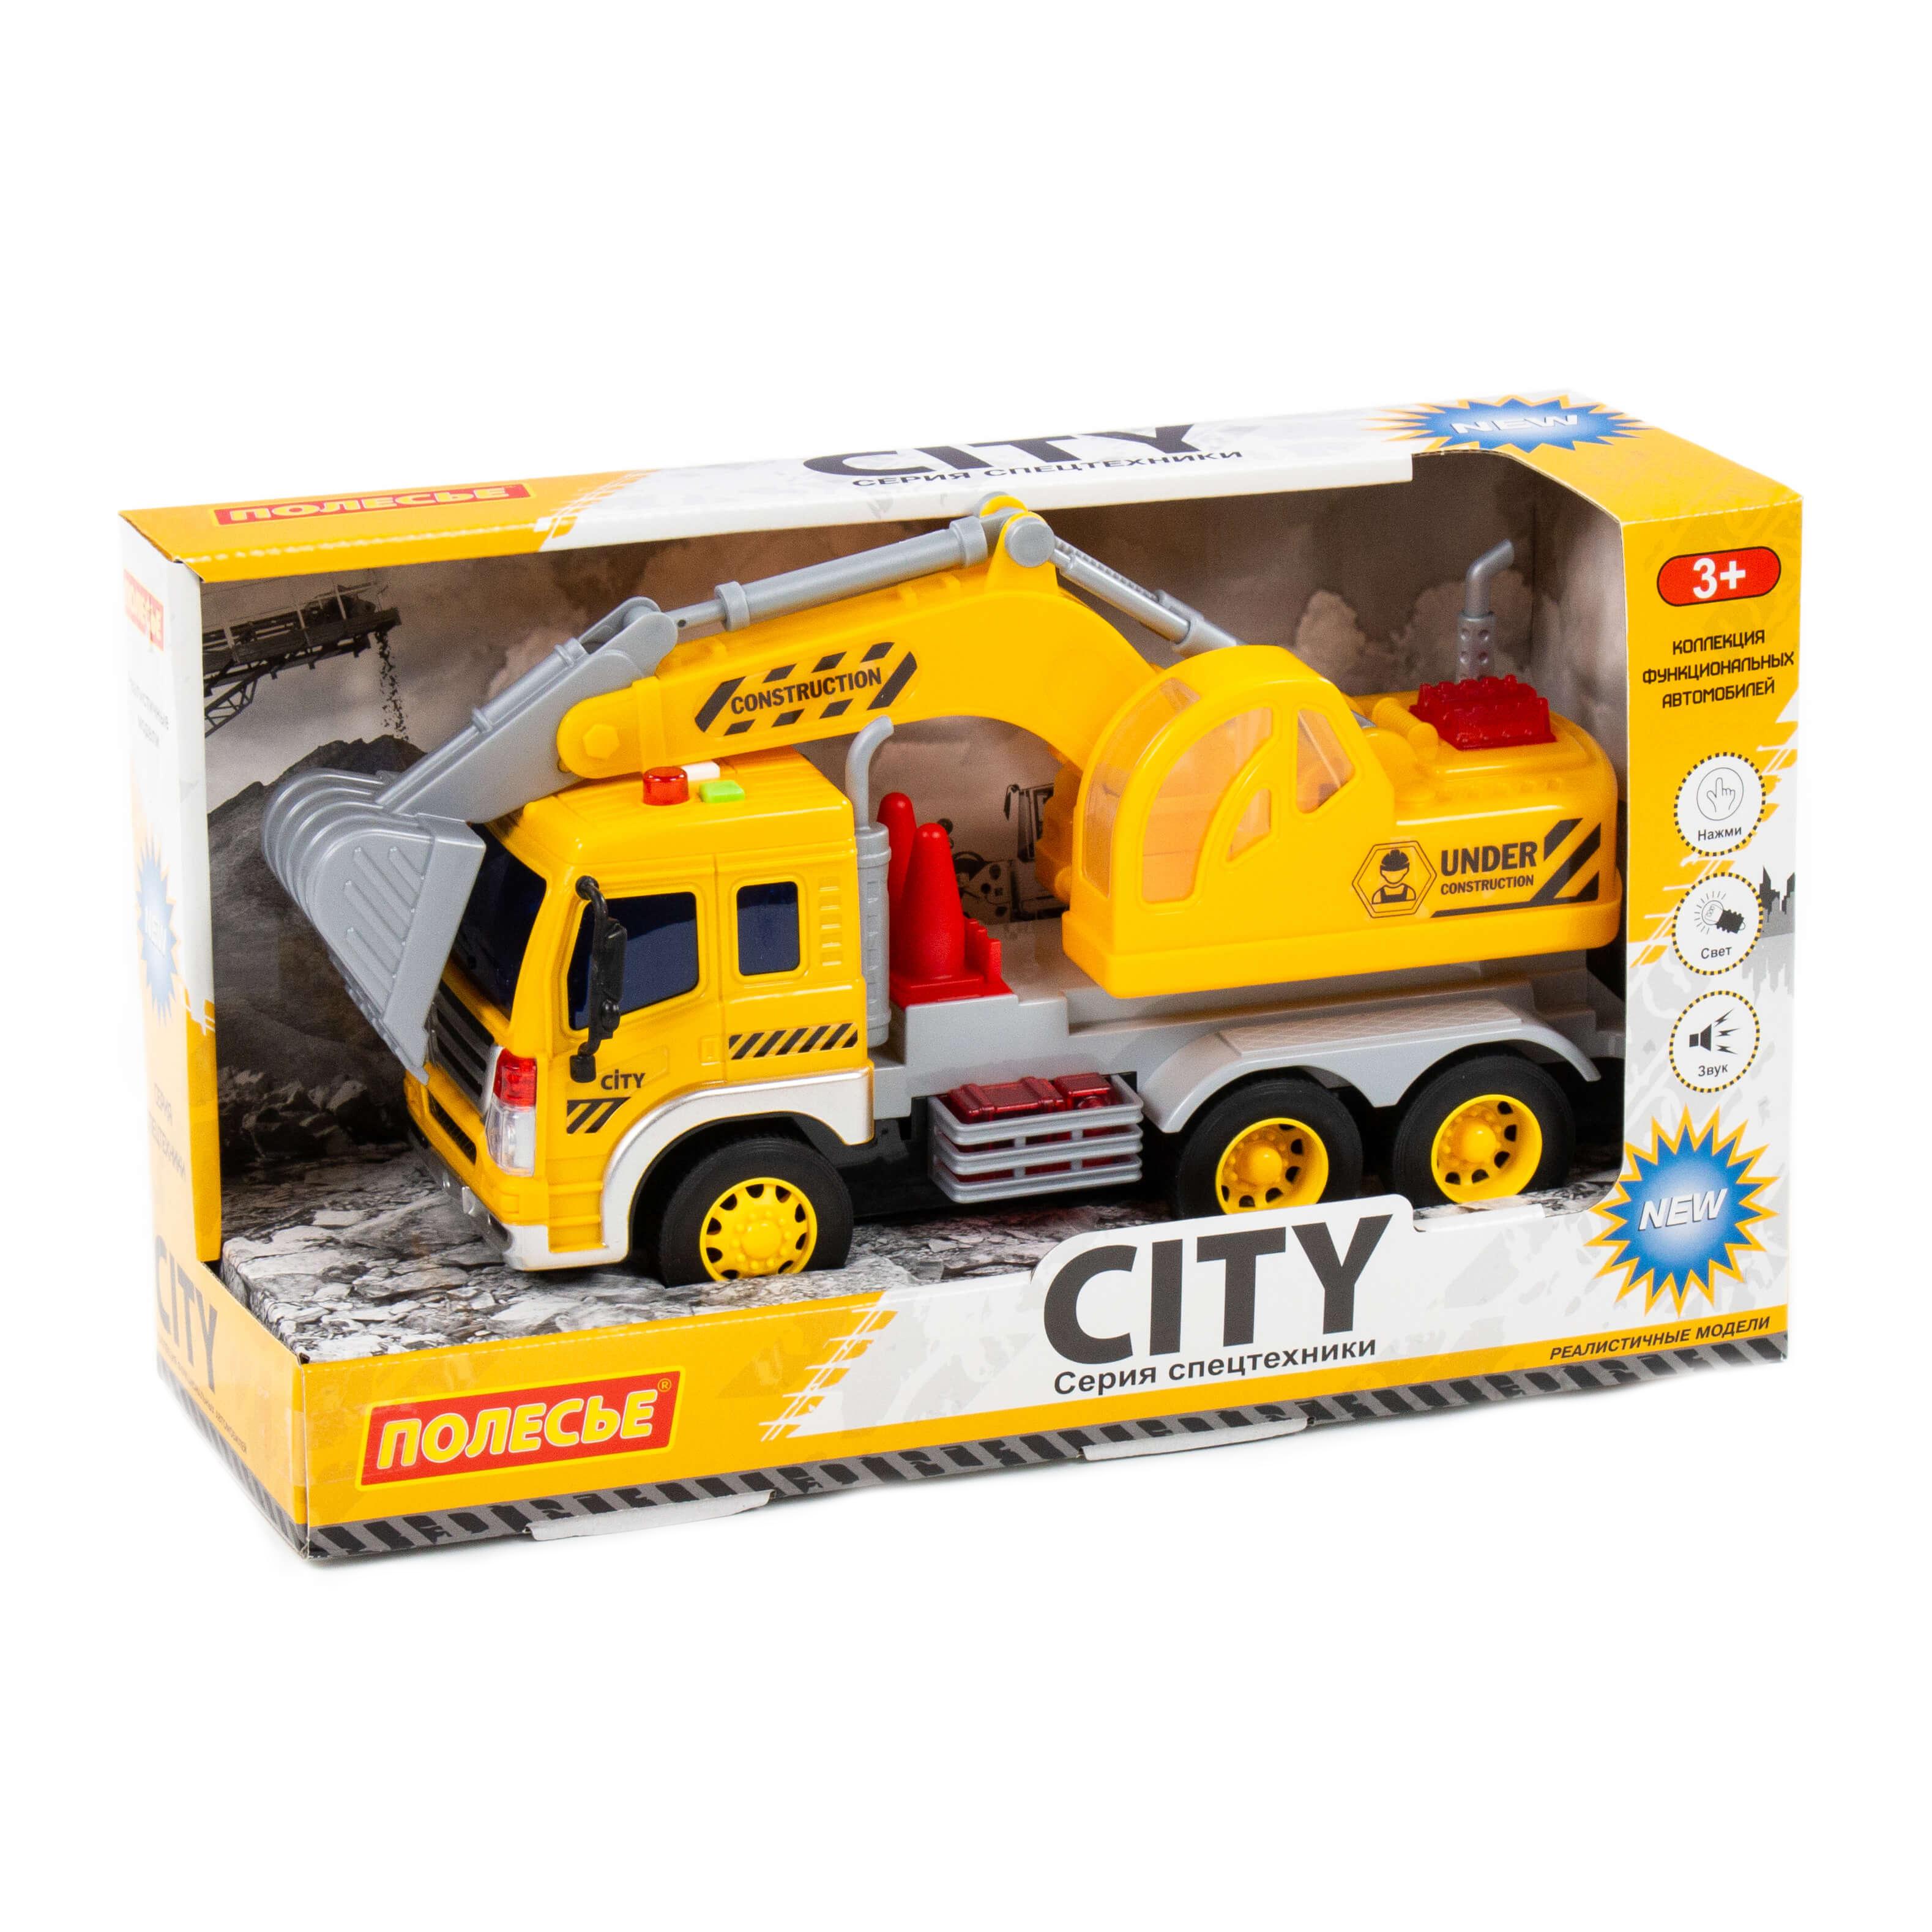 Купить Автомобиль-экскаватор Сити, инерционный, желтый (со светом и звуком) Полесье,